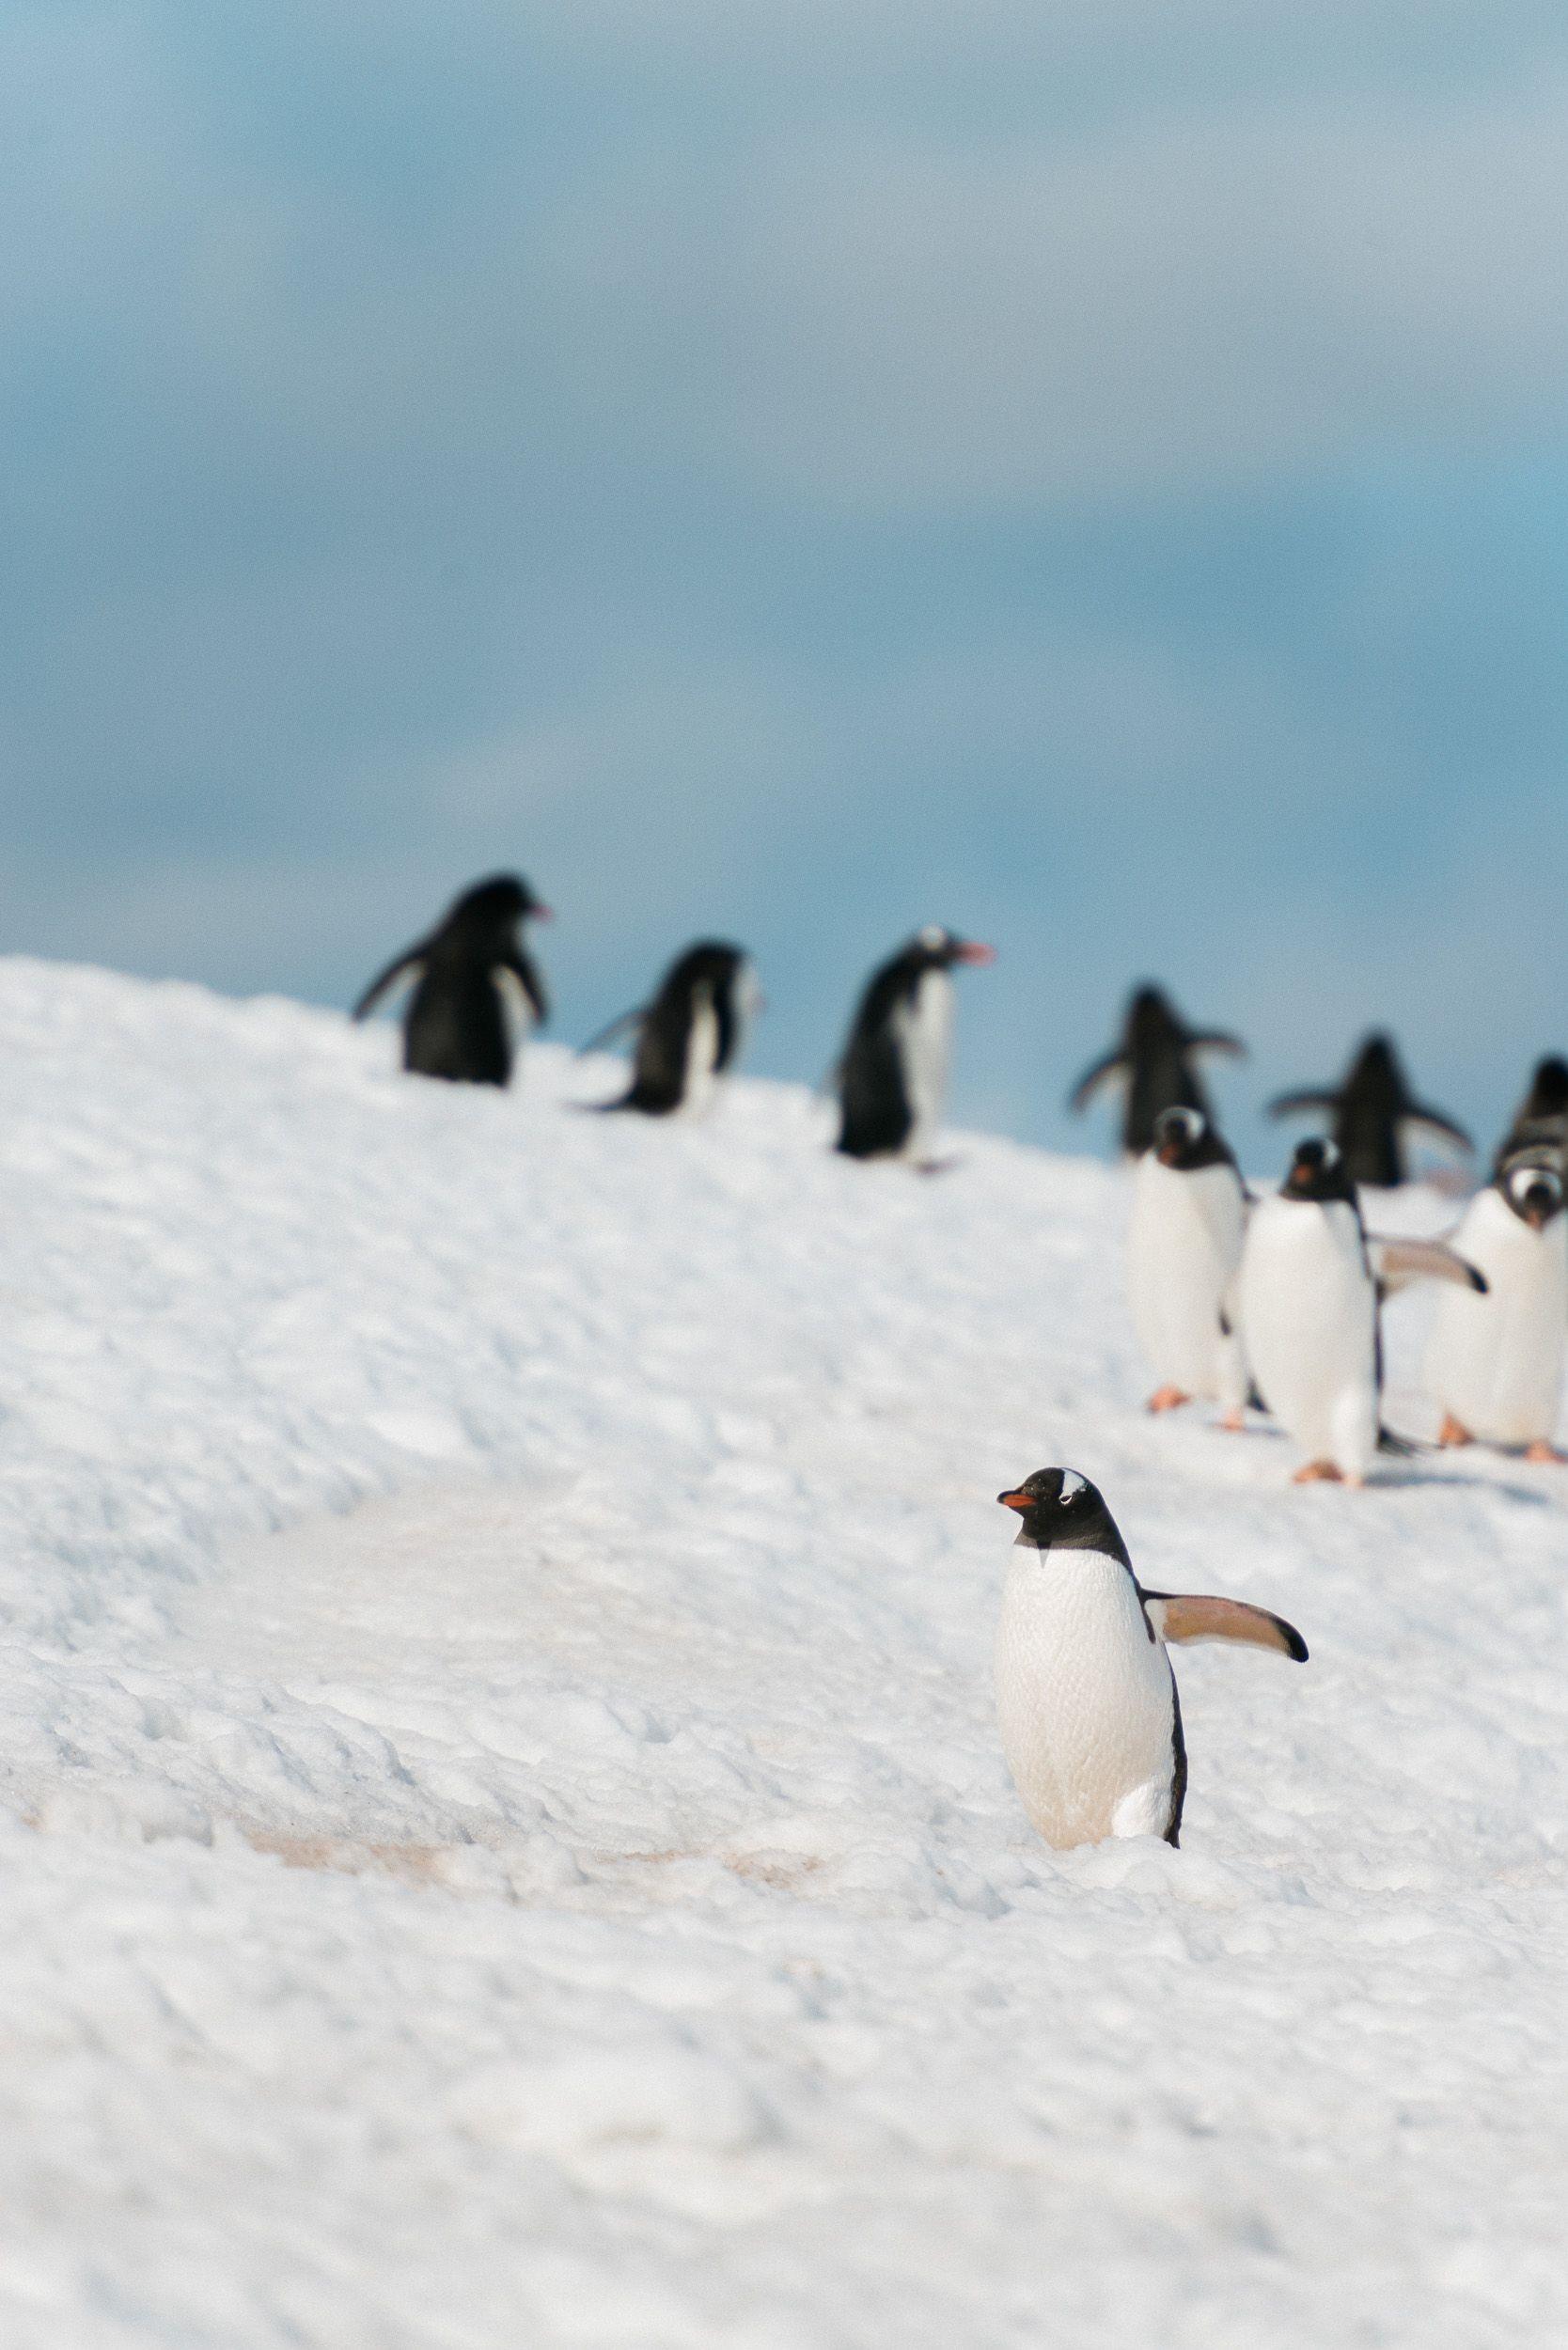 Hey there, little fellow! // With weddingpilots.de in Antarctica